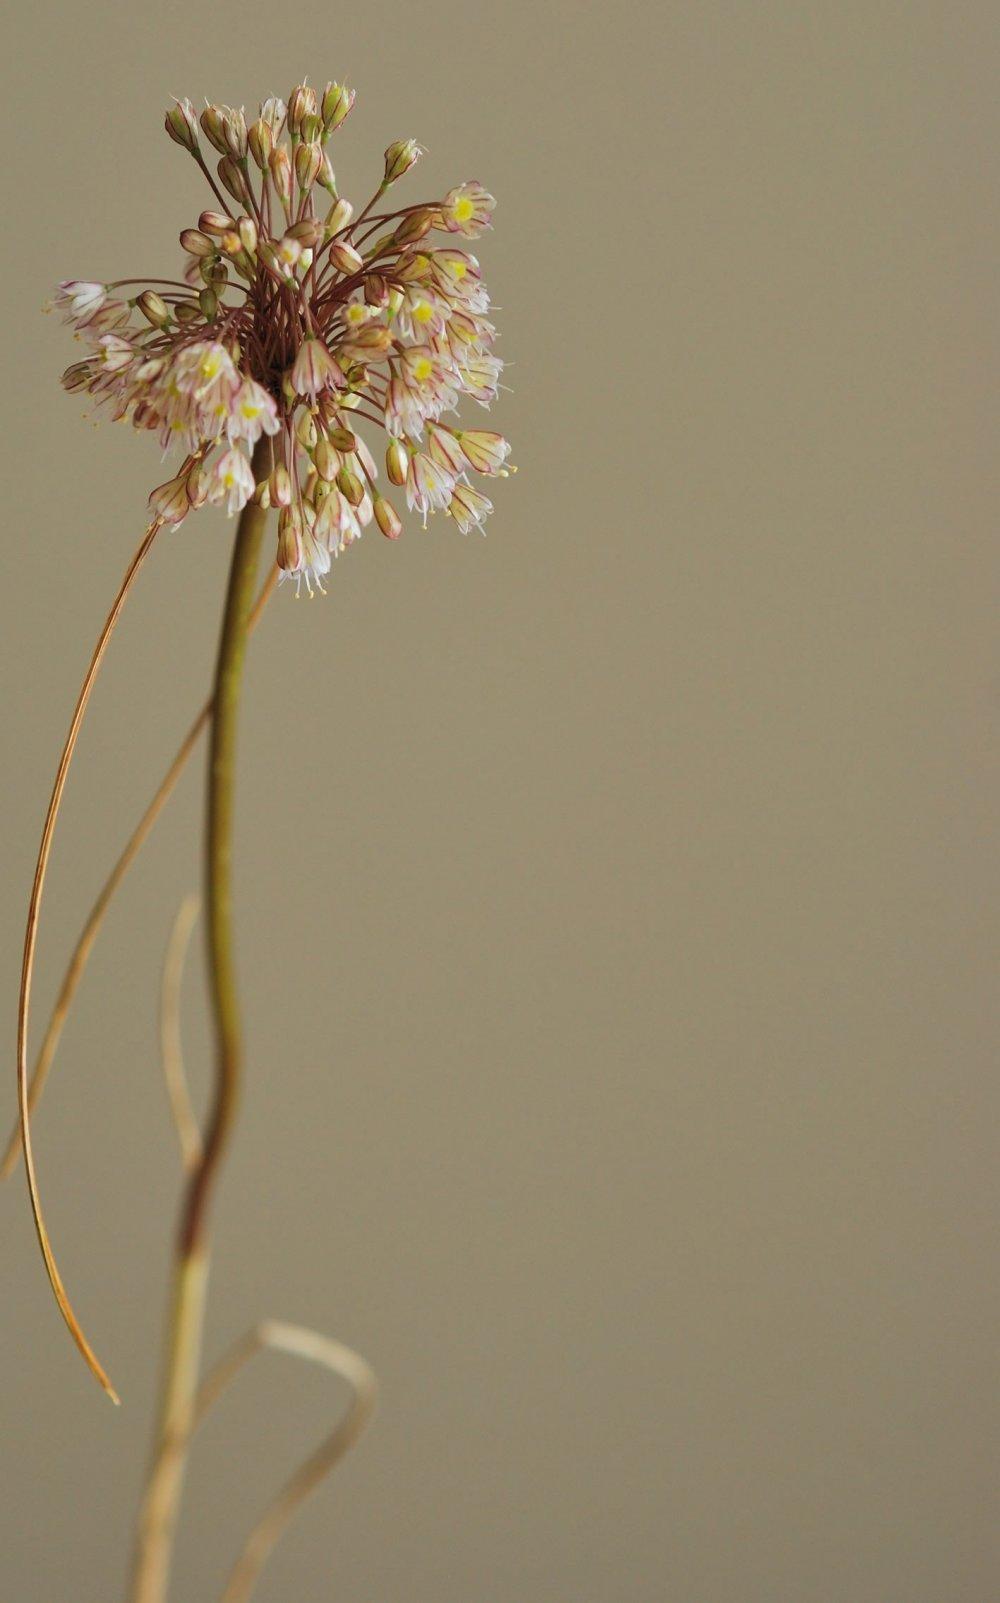 İstanbul'da önemli keşif: Allium İstanbulenese